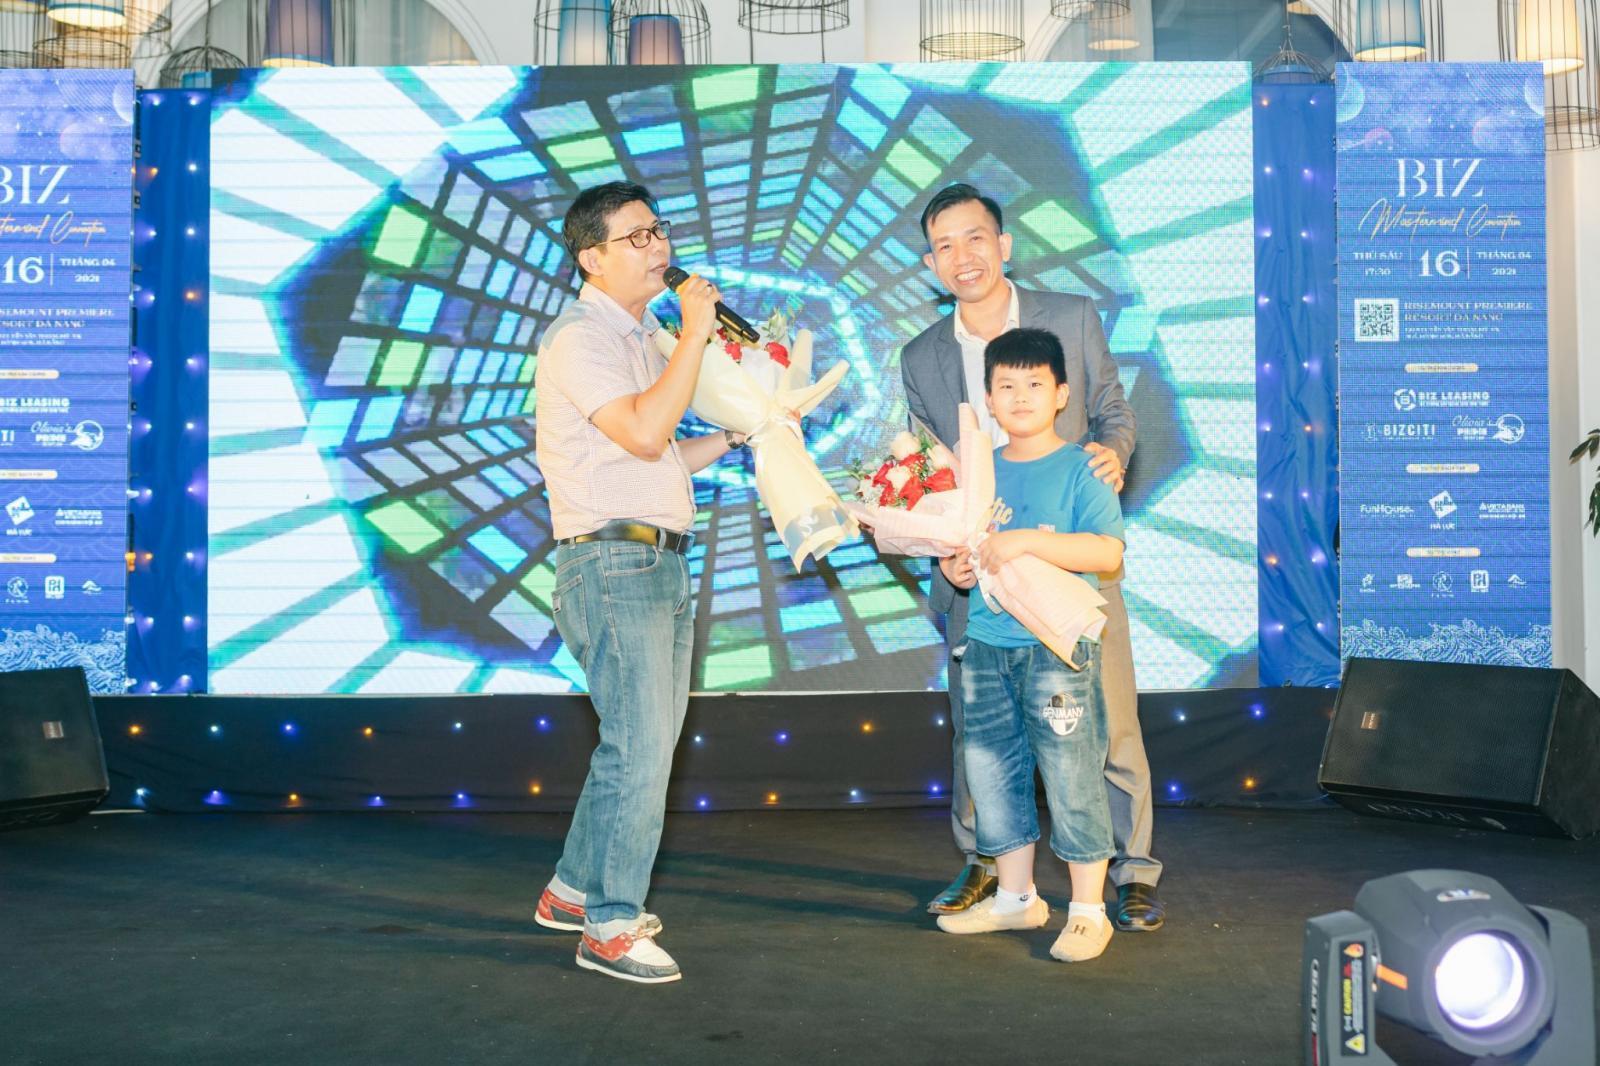 2 người đàn ông và một bé trai đứng trên sân khấu